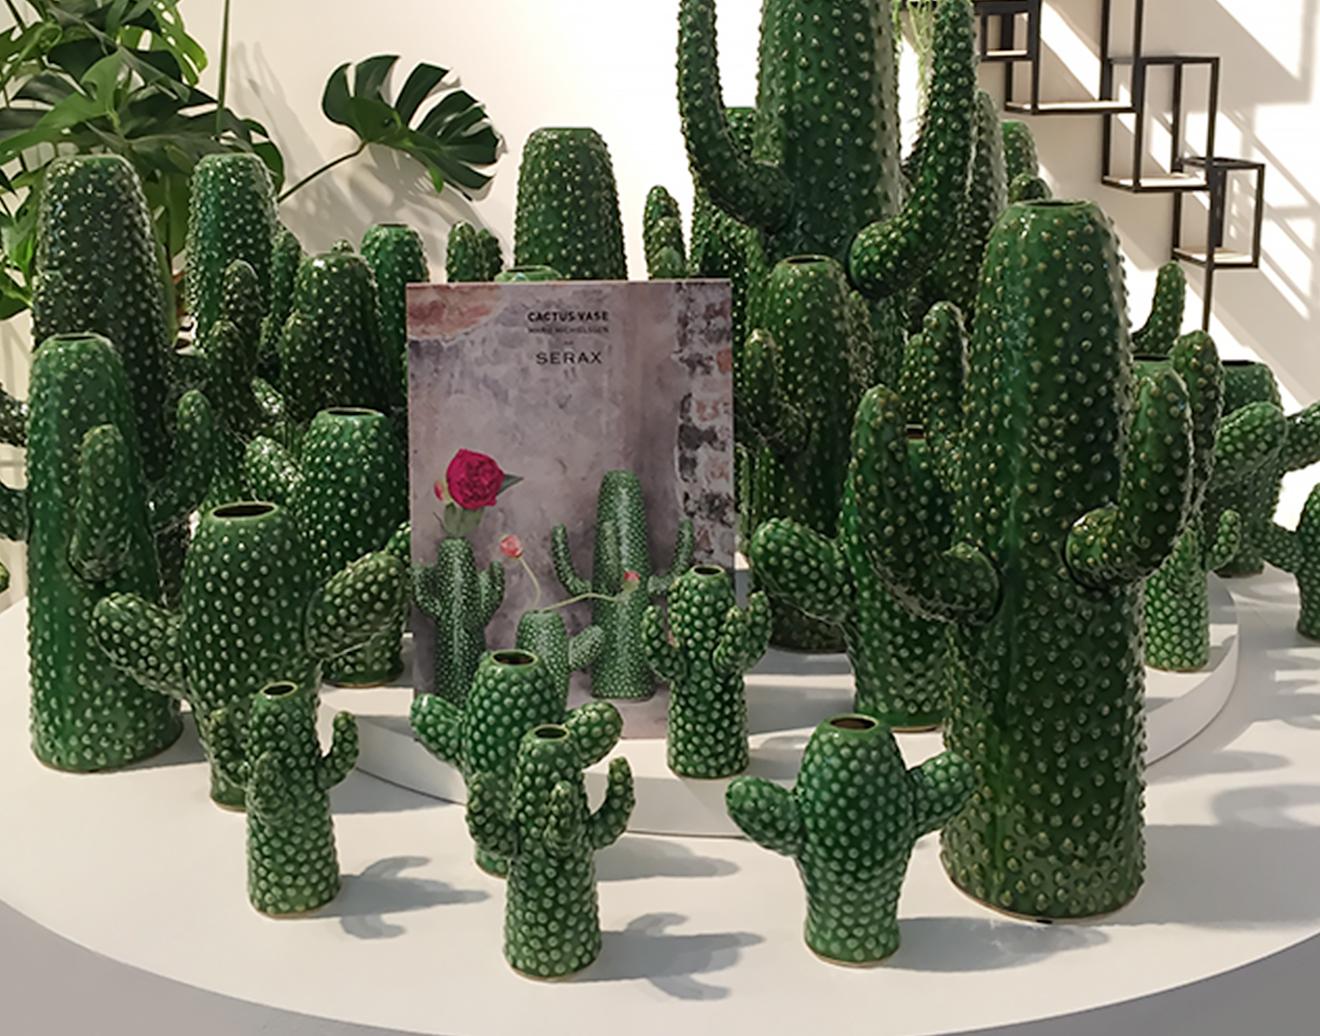 Kaktus-Vasen von Serax auf der Ambiente 2018